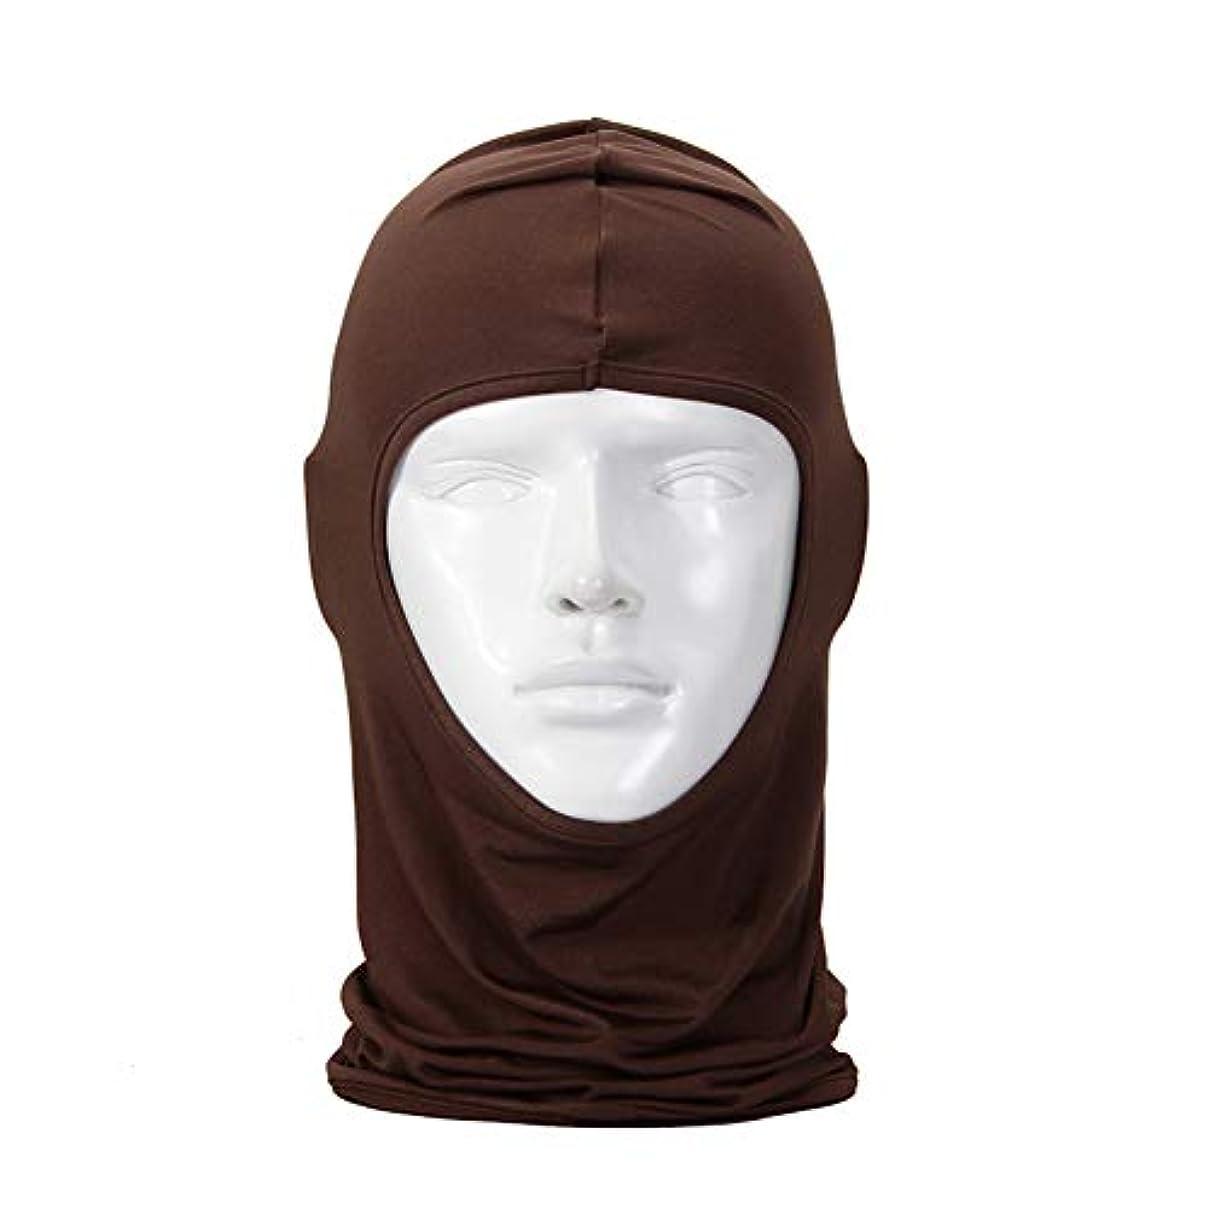 フロント単調な威するマスクライディングオートバイ自転車屋外フードスカーフ男性と女性の顔マスクマスク防塵